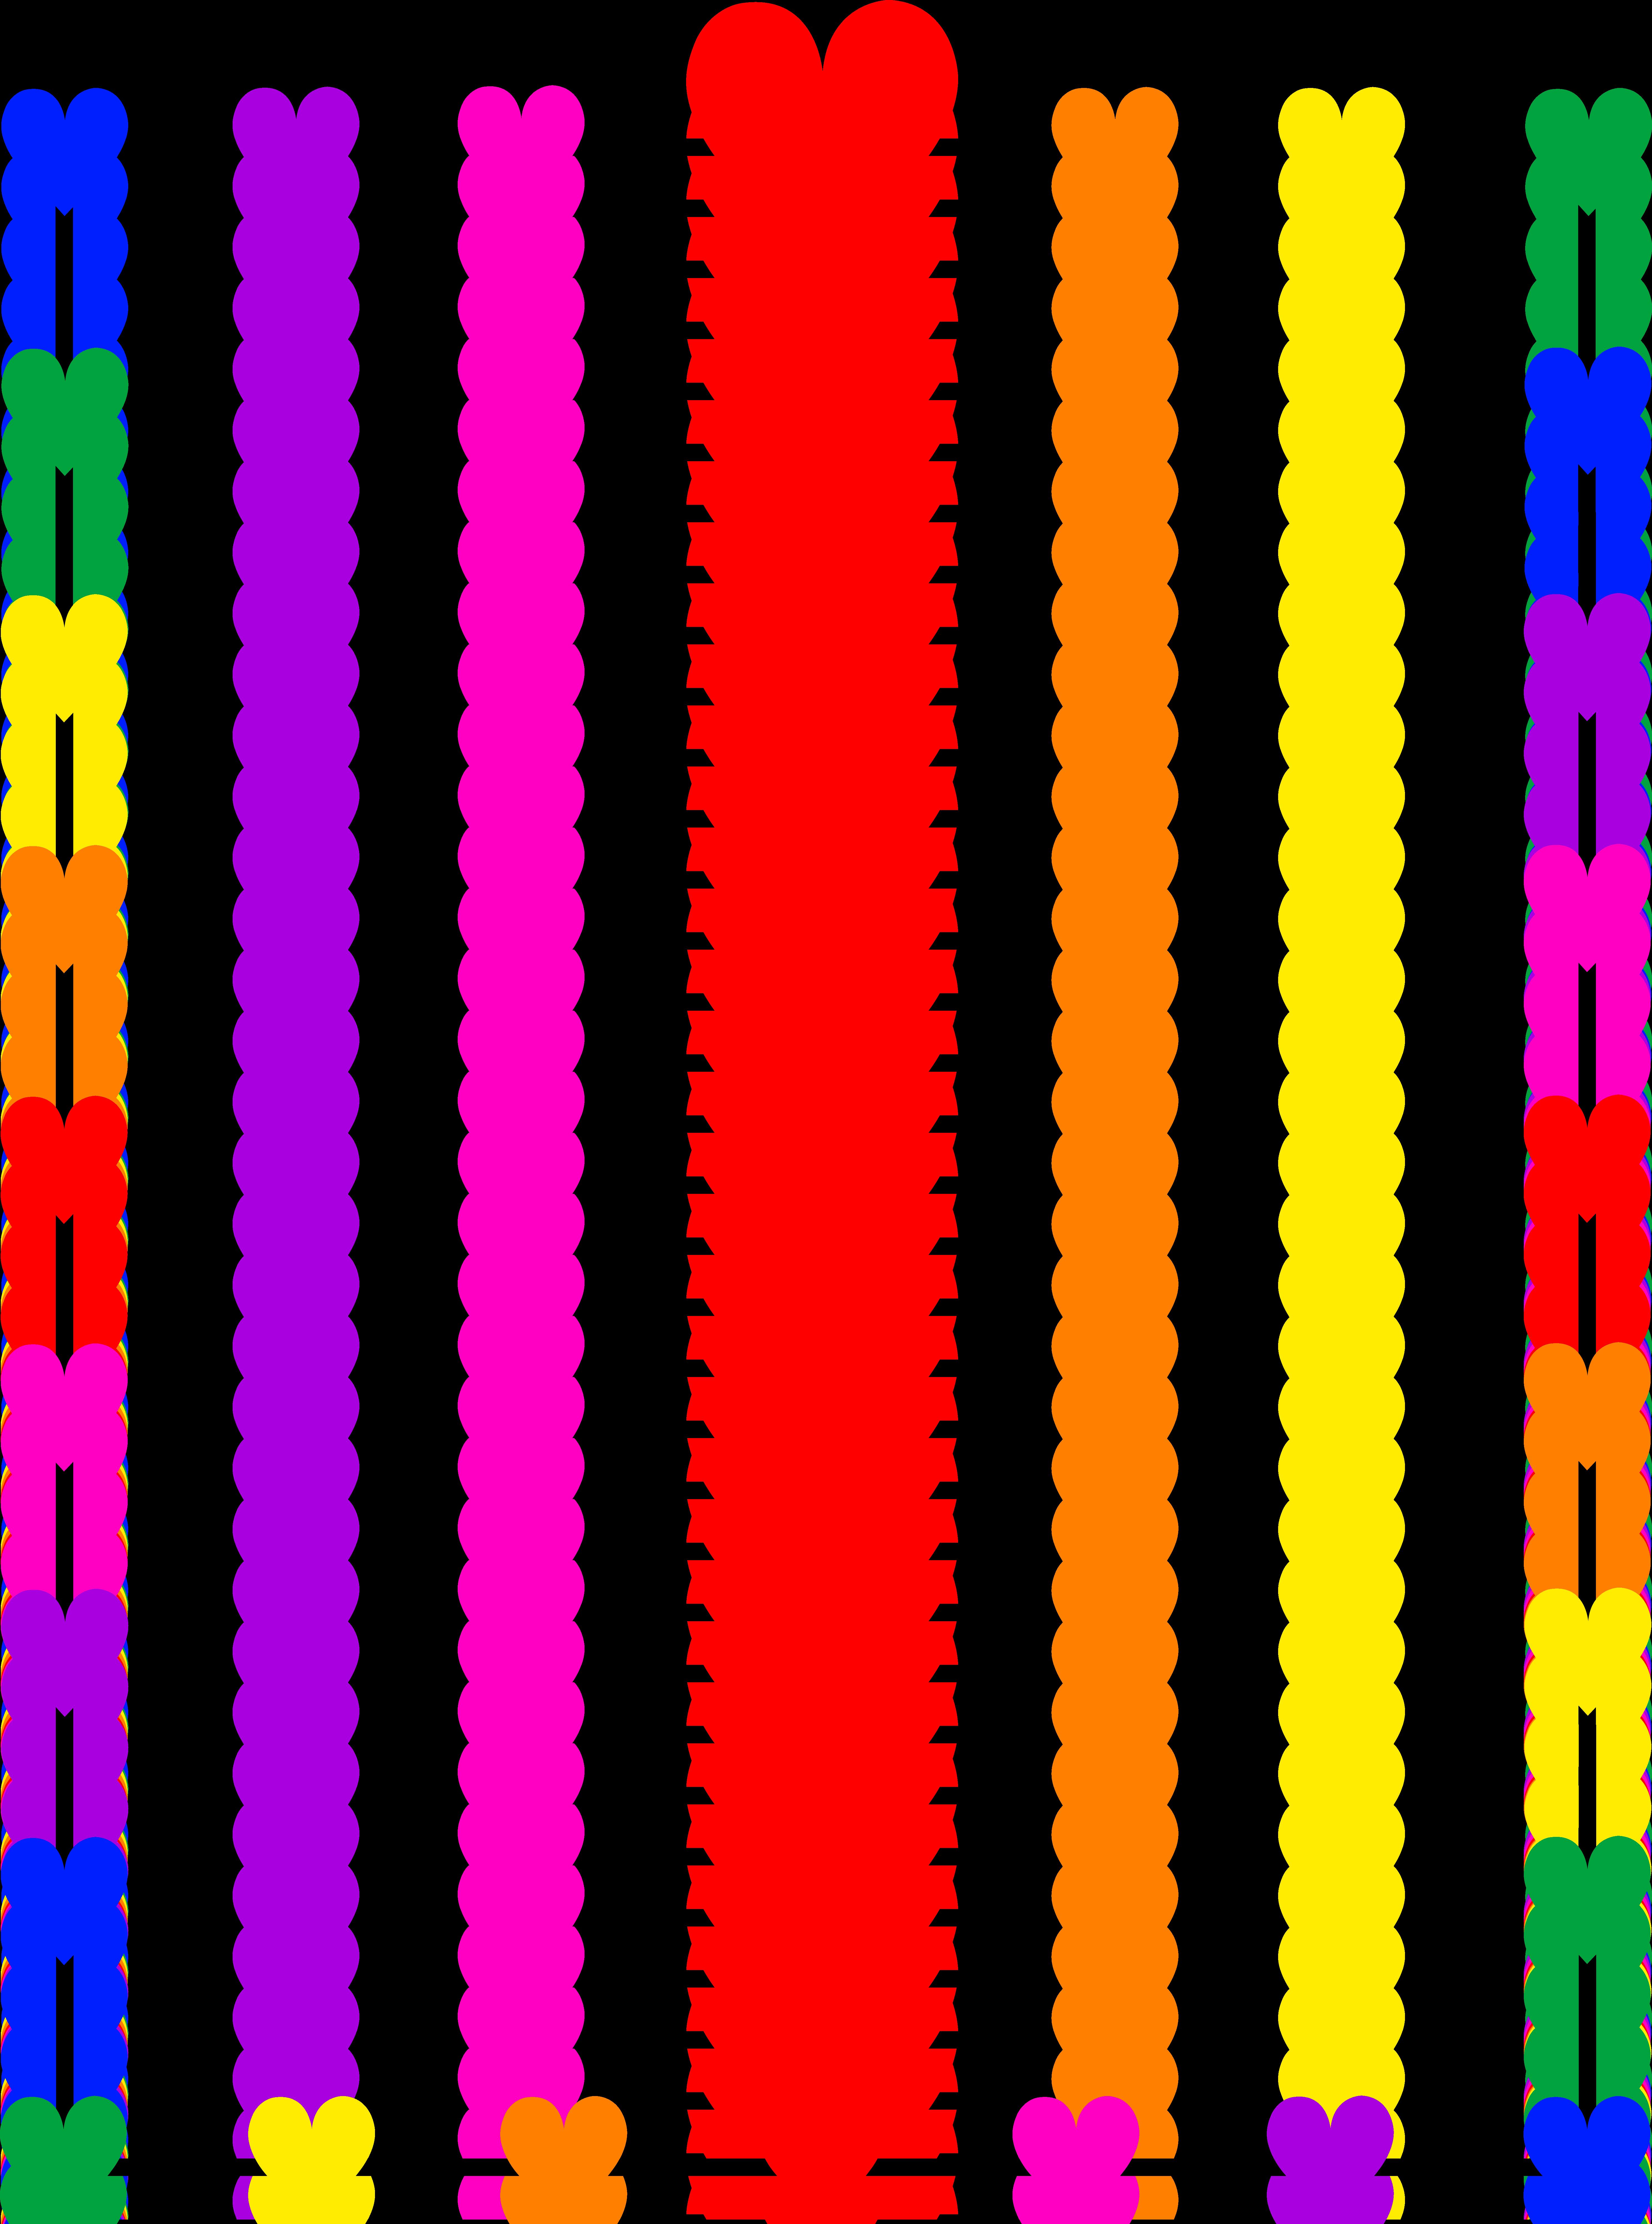 5952x8014 Borders And Frames Clip Art Rainbow Hearts Border Frame